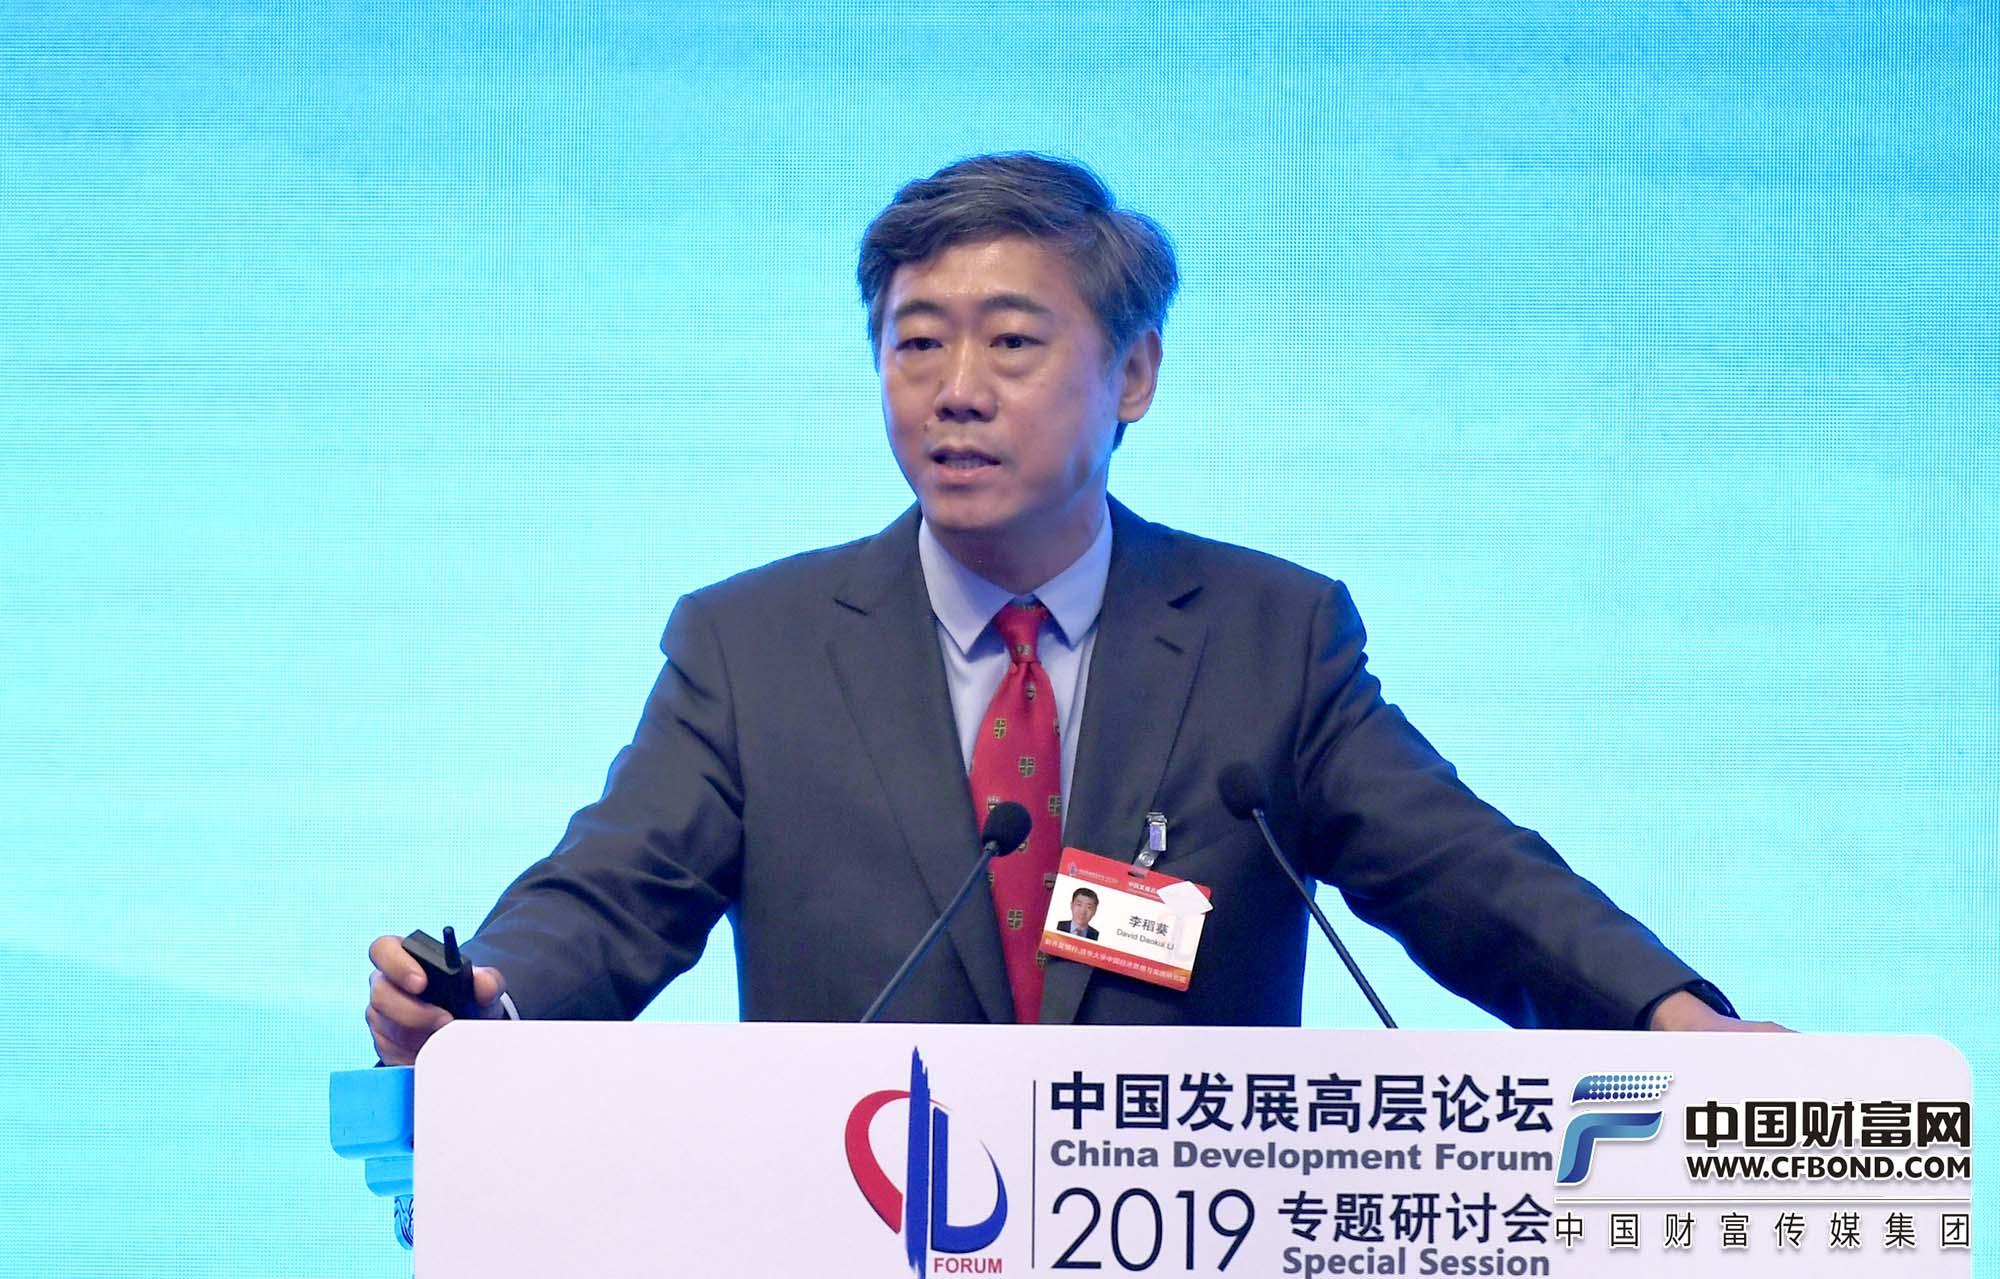 新开发银行首席经济学家、清华大学中国经济思想与实践研究院创始院长李稻葵发言